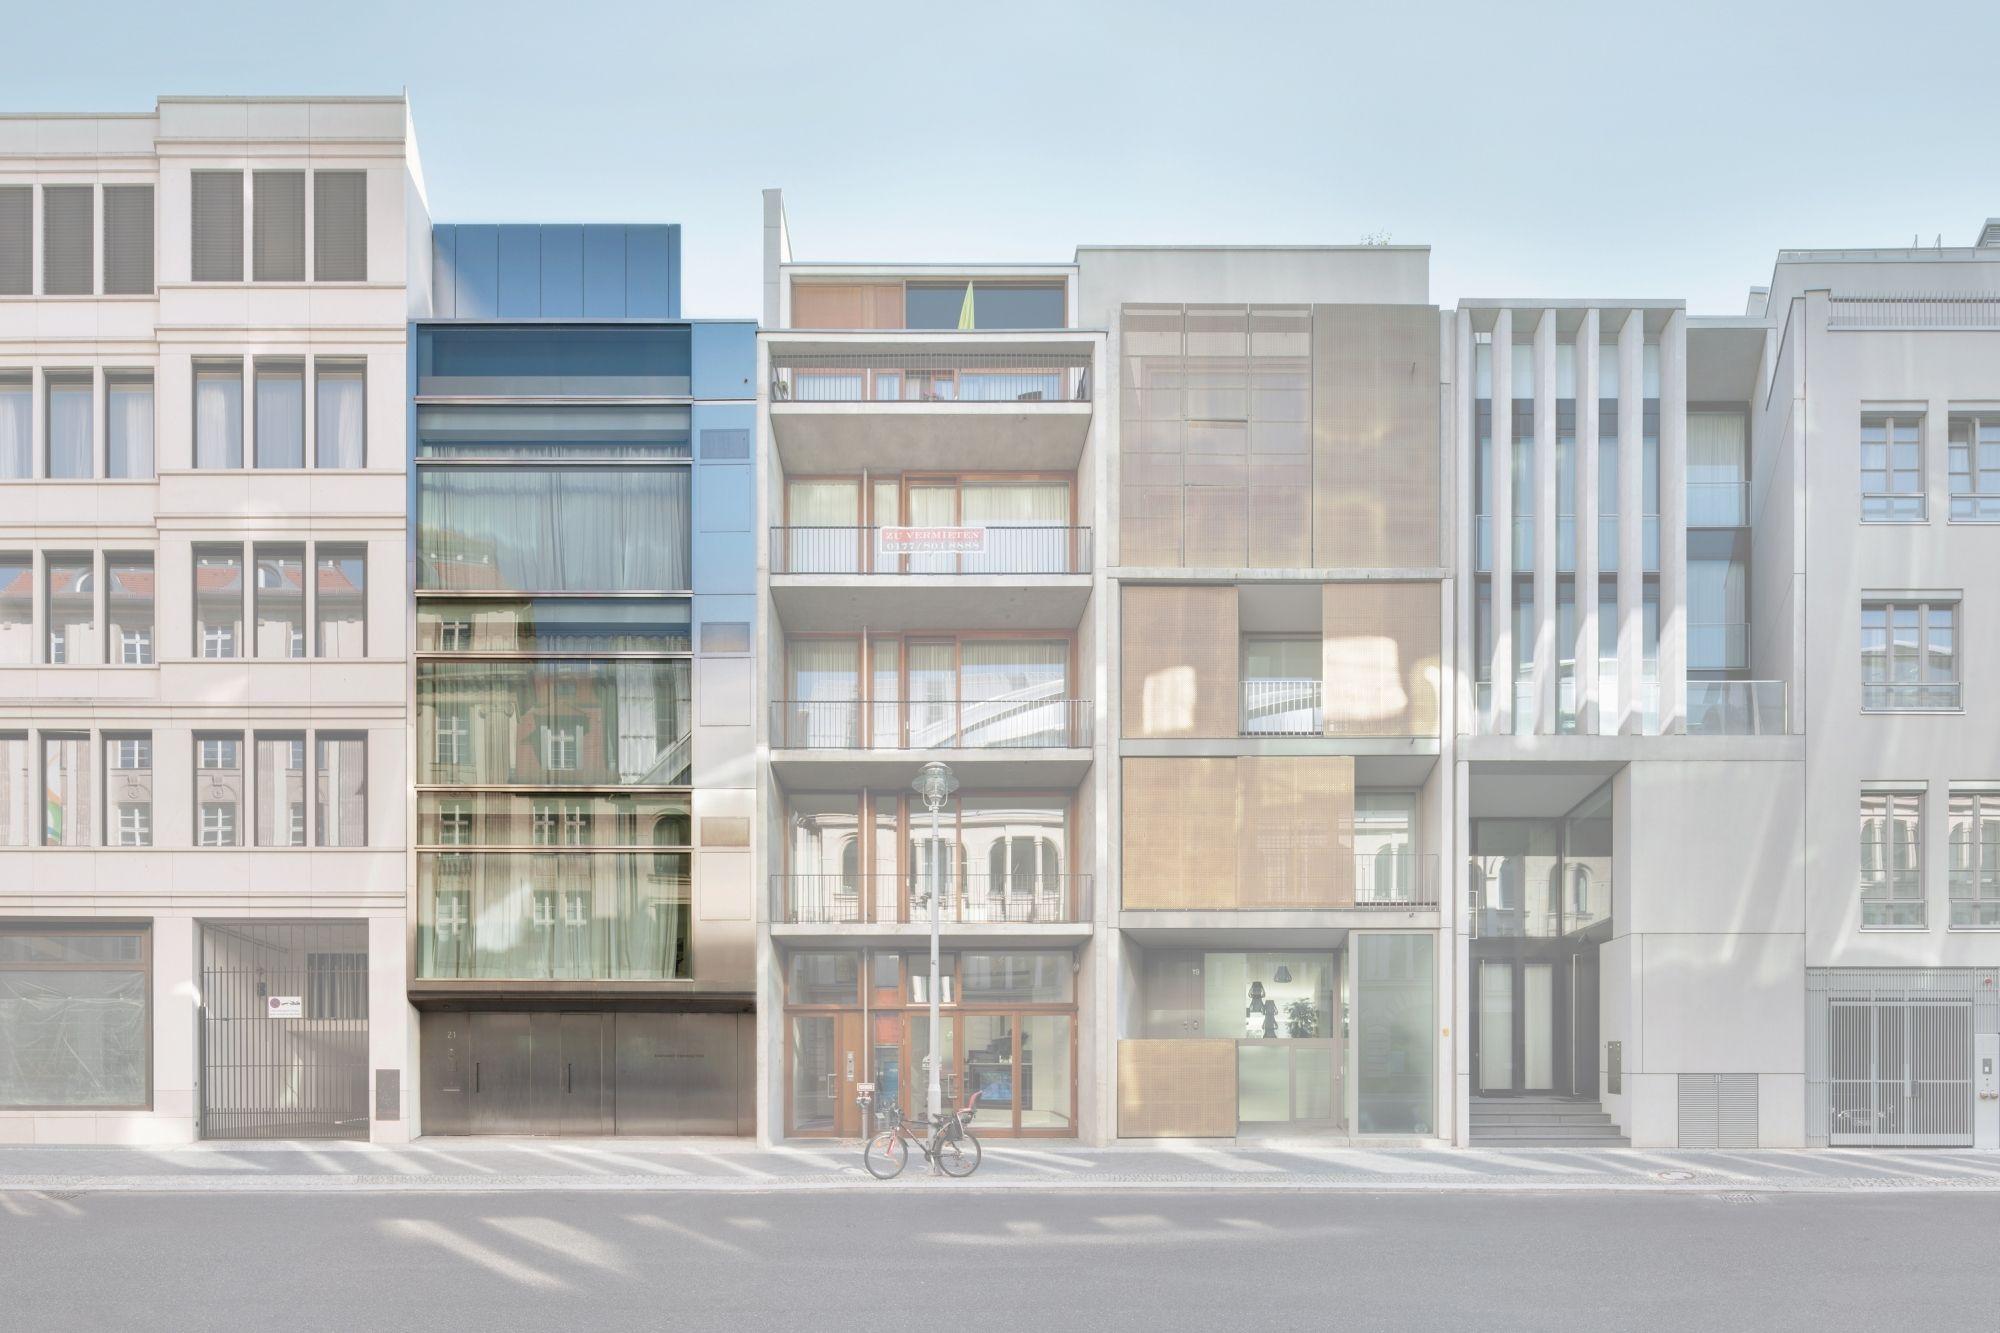 Townhouse Berlin grüntuch ernst architekten townhouse berlin townhouses